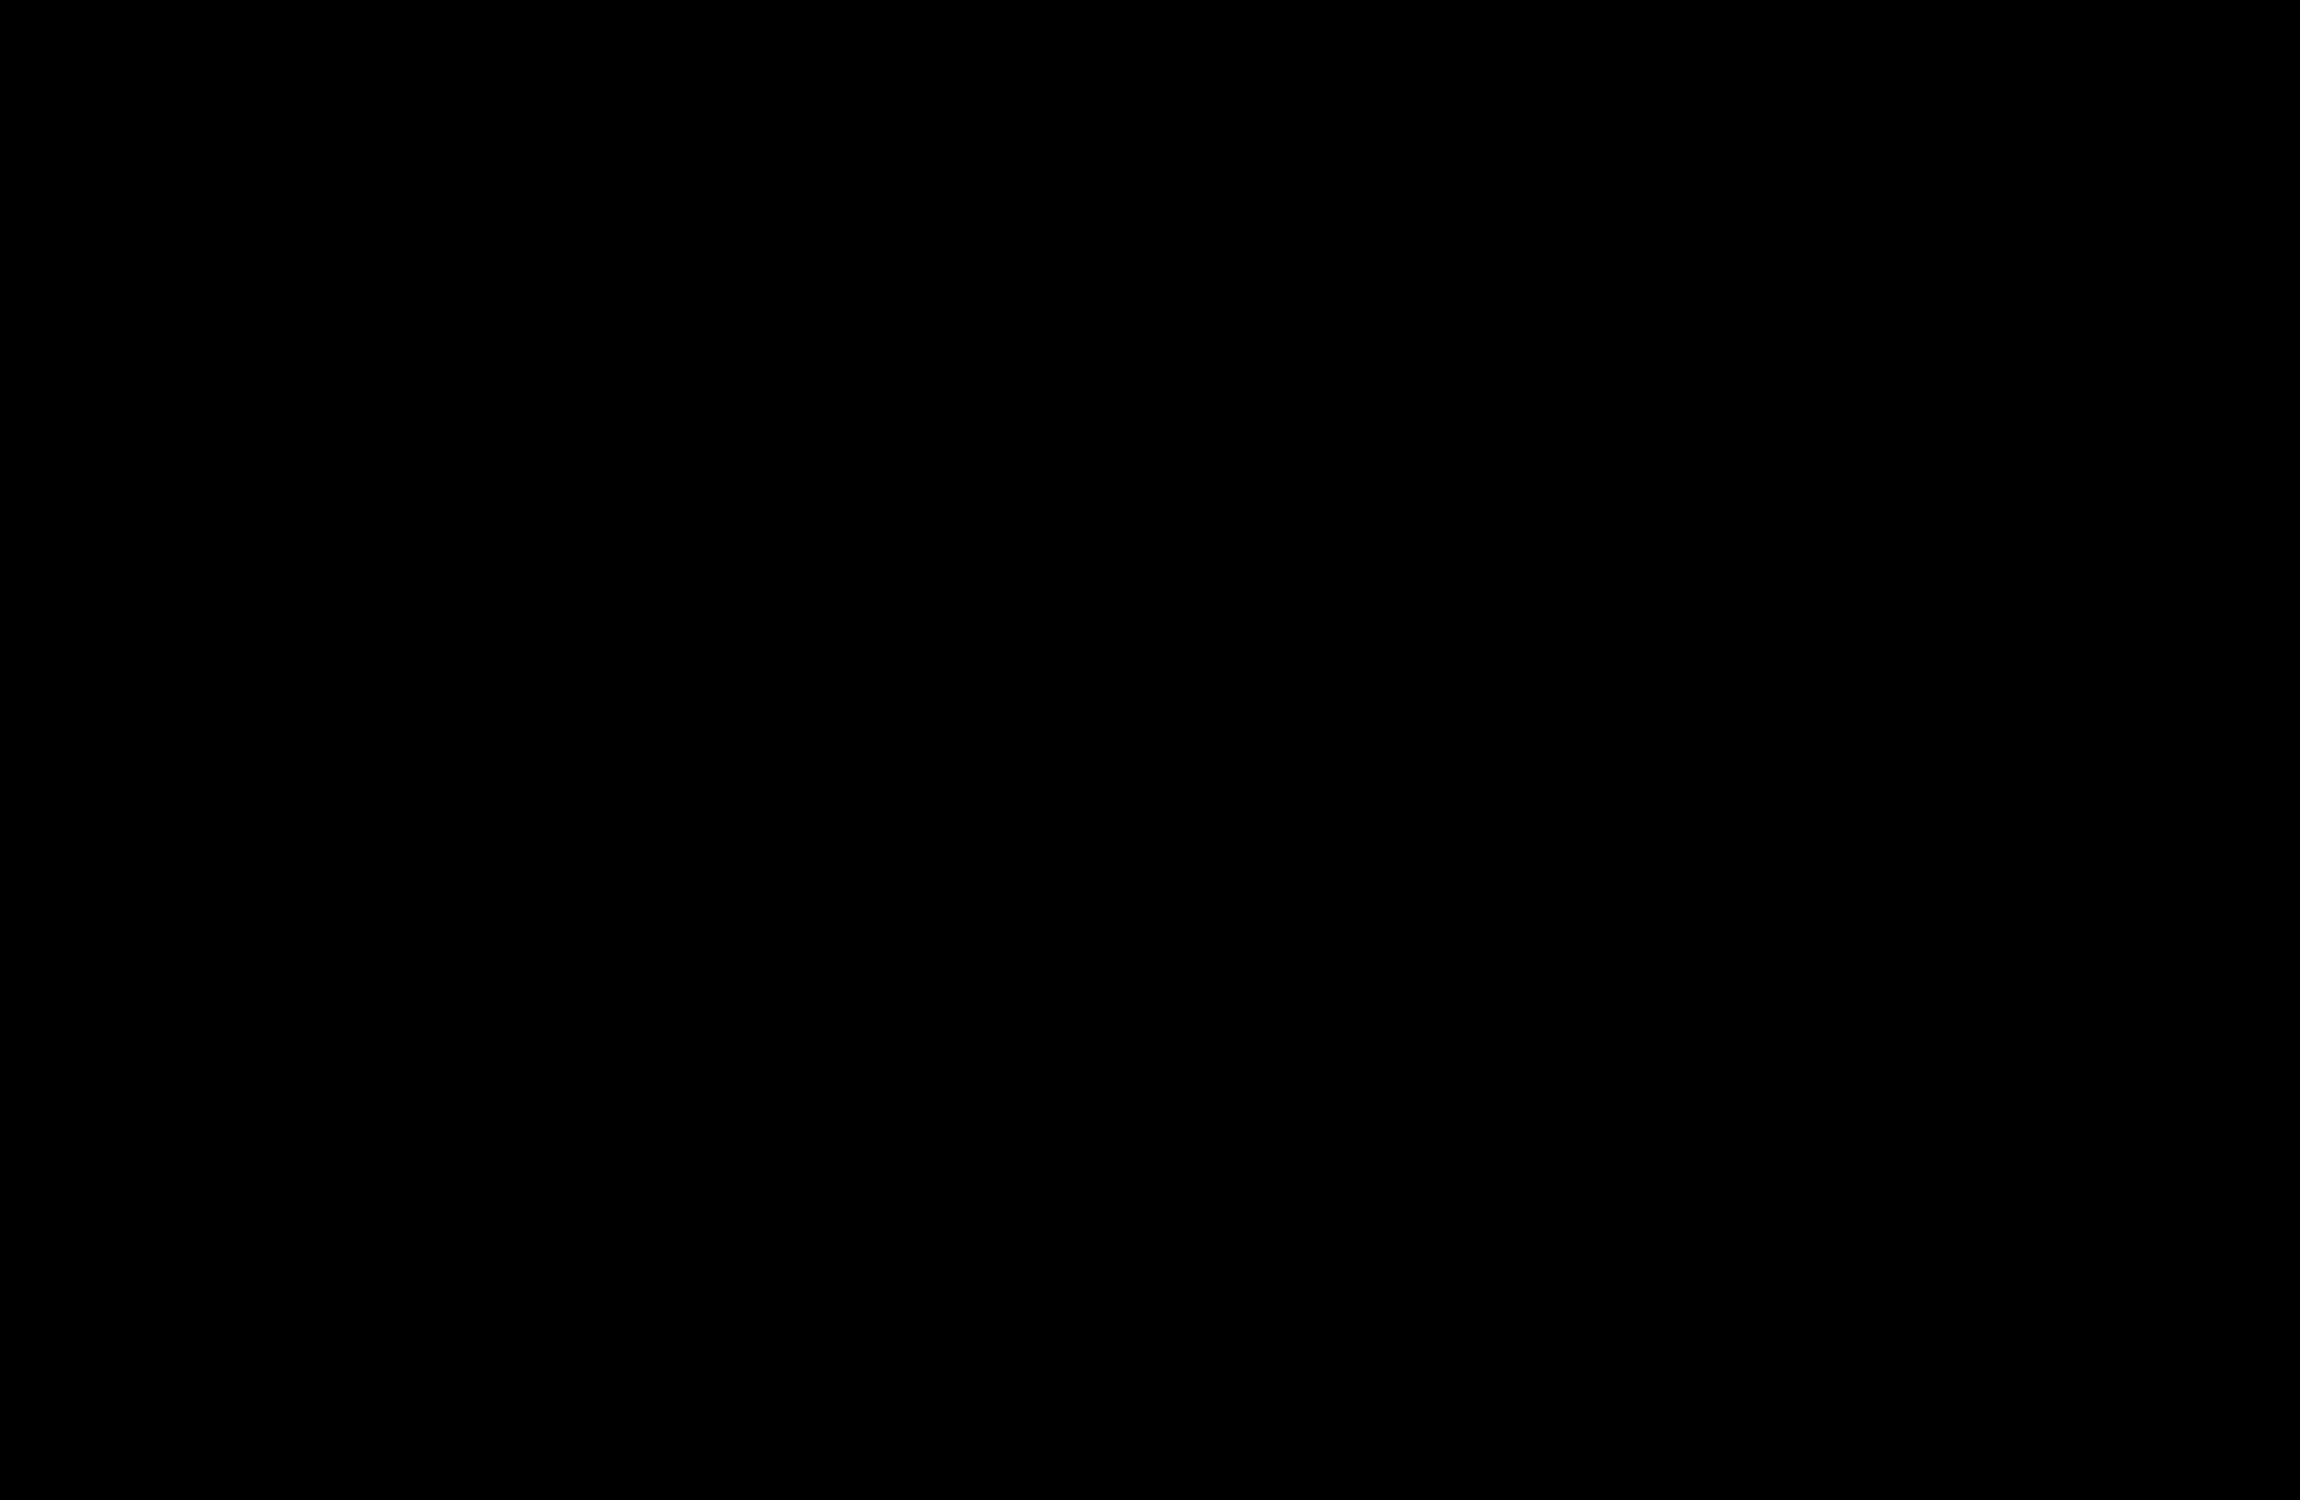 2300x1500 Fileguinea Pig Silhouette.png